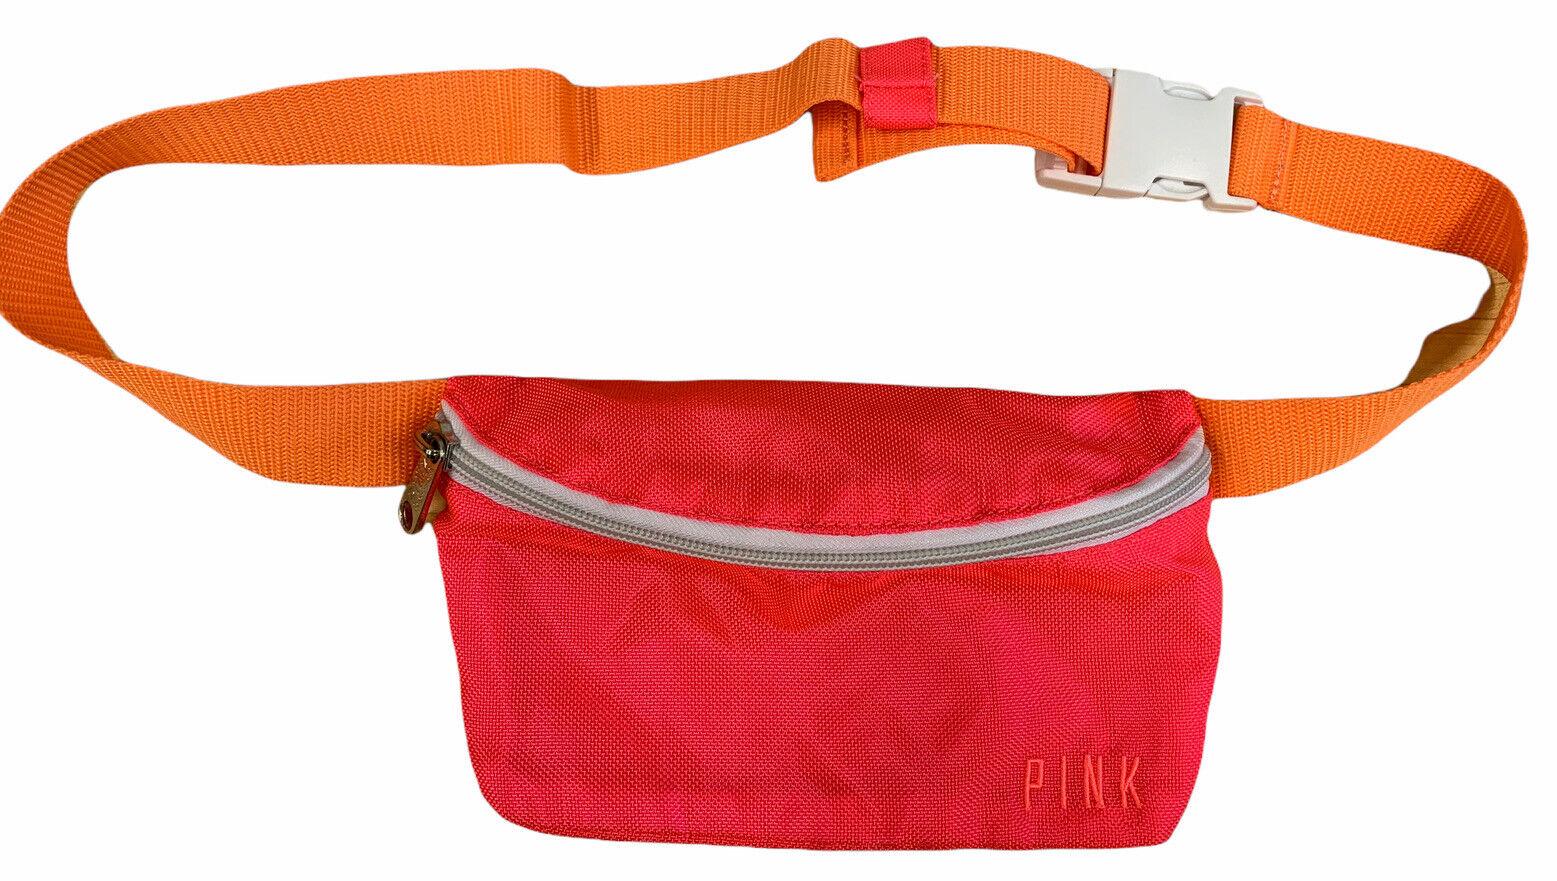 Pink Victorias Secret Fanny Pack Adjustable Waist Zip Closure Cotton Canvas